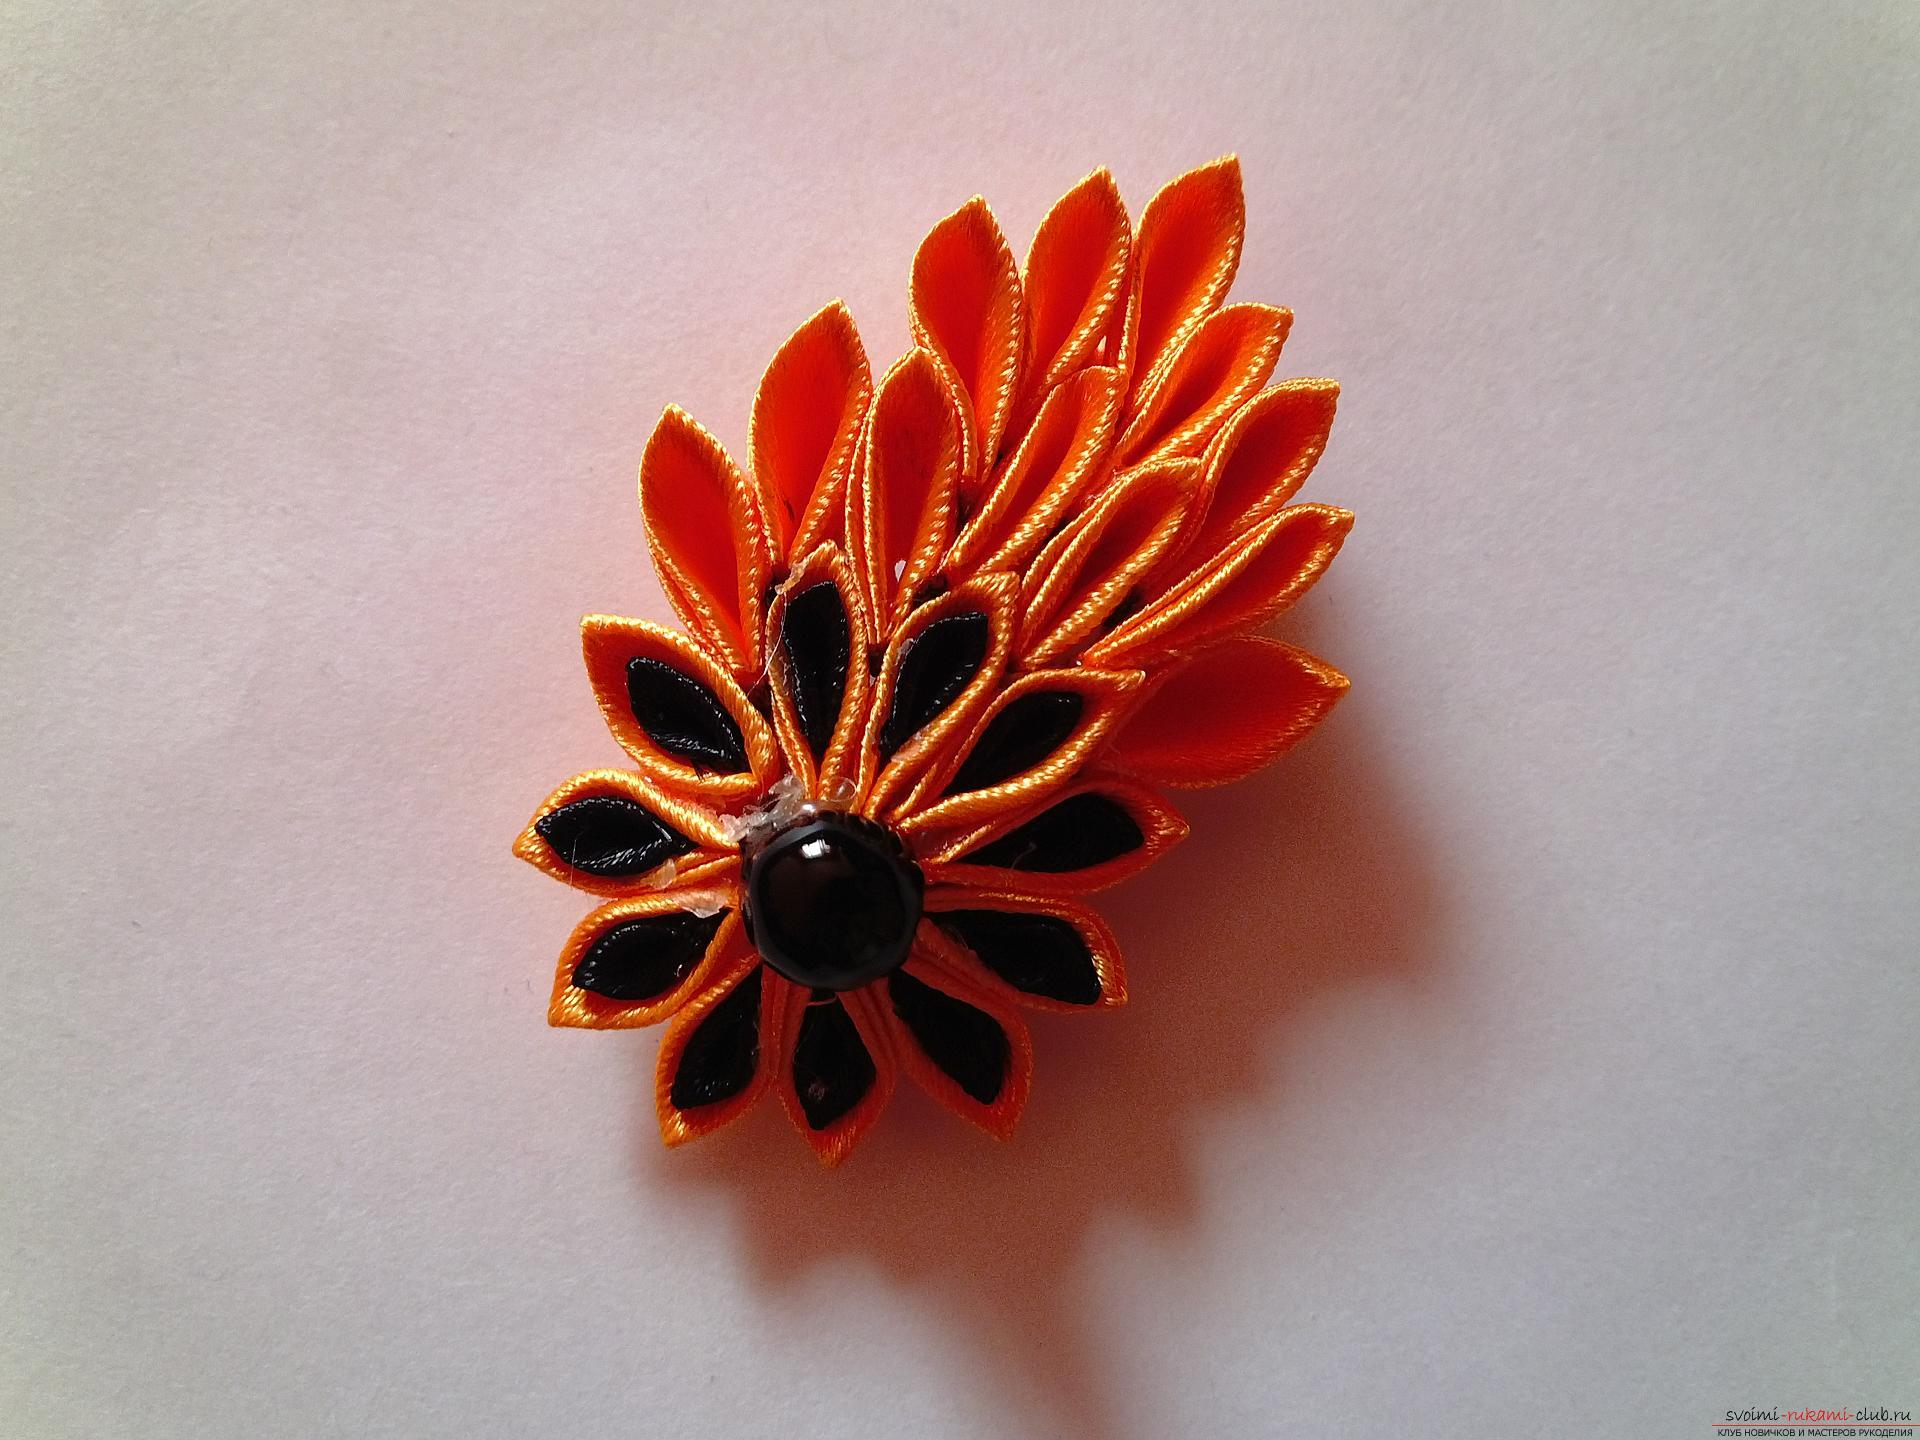 Этот мастер-класс научит как сделать брошь из георгиевской ленты, оригинально украсят которую цветы канзаши.. Фото №13